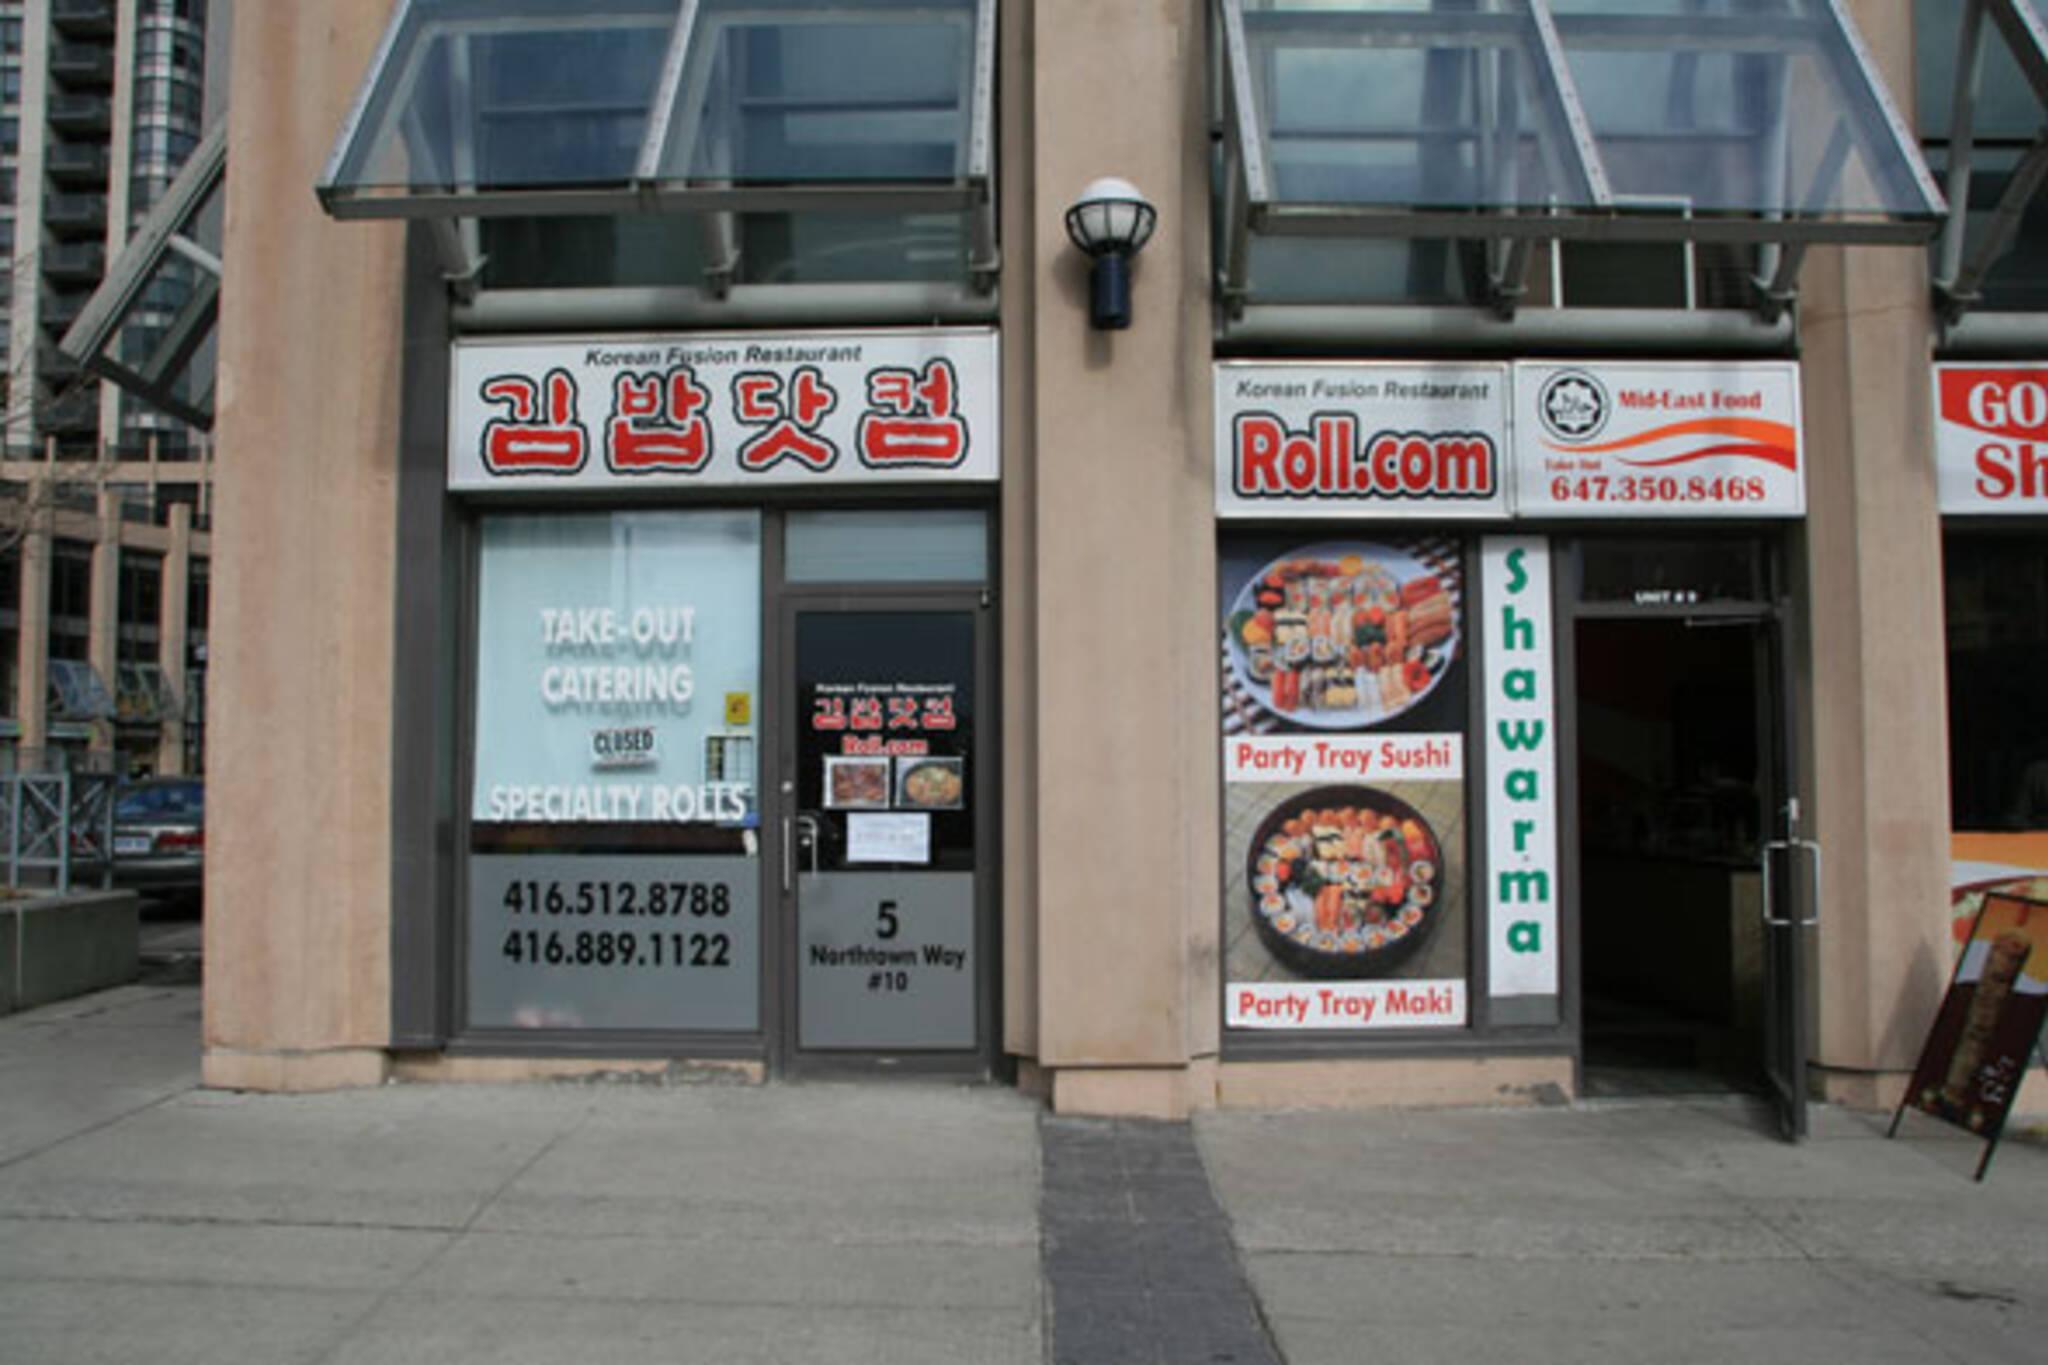 Roll.com Toronto